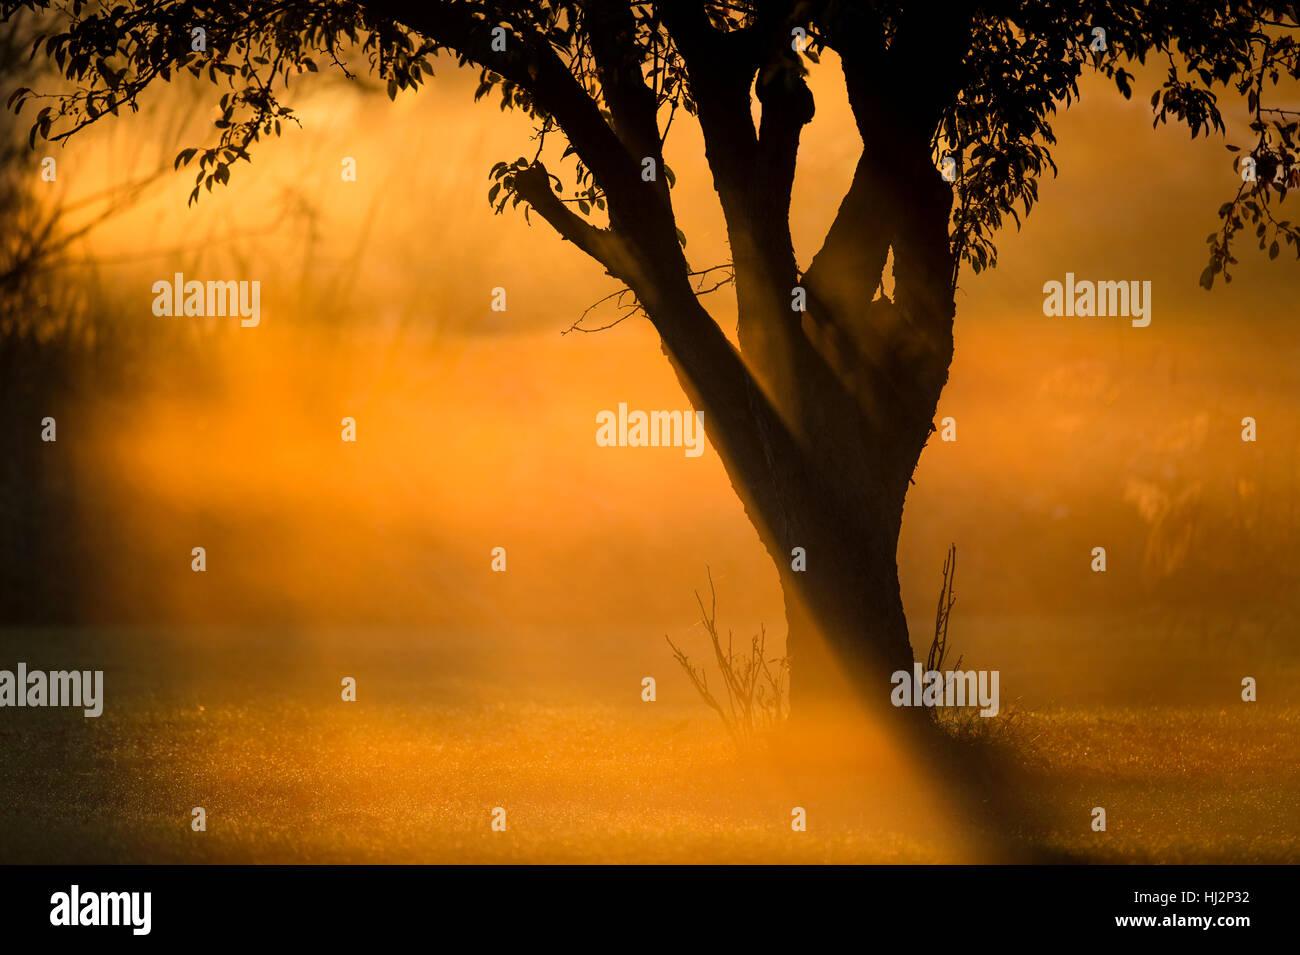 Un arbre se dresse dans un champ ouvert comme le soleil fait le matin le brouillard glow orange vif autour de l'arbre. Photo Stock